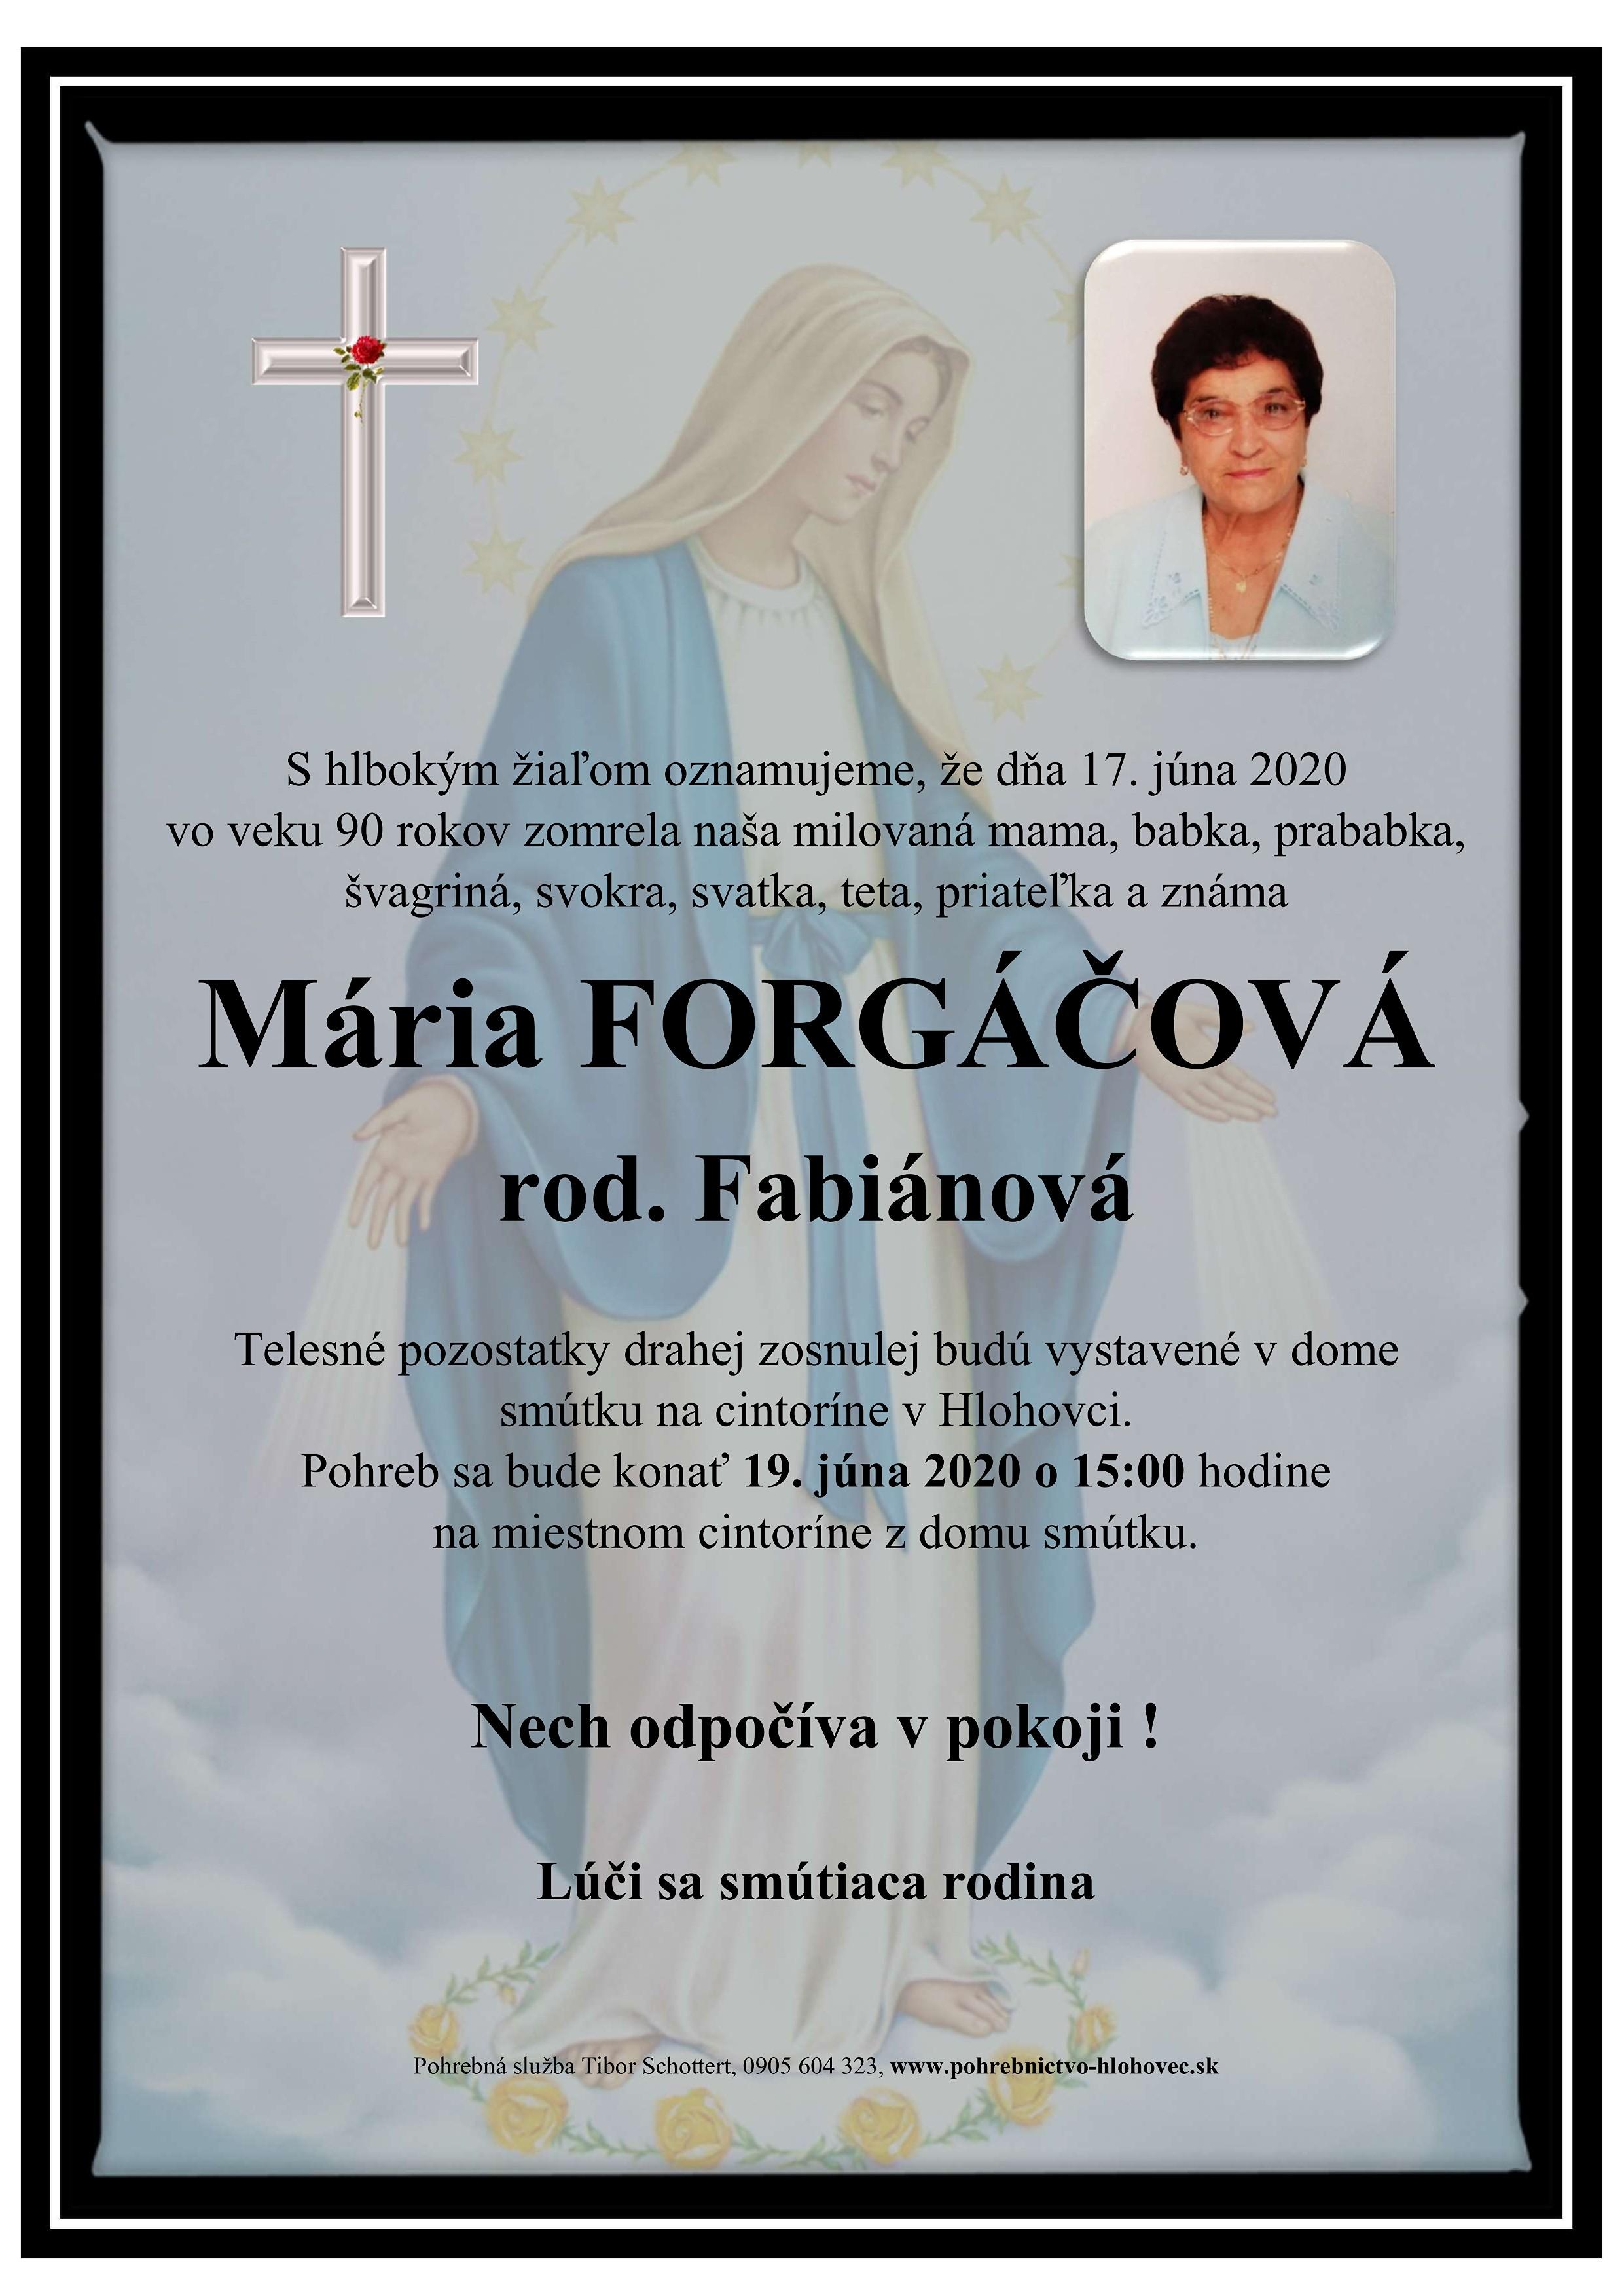 Mária Forgáčová Parte